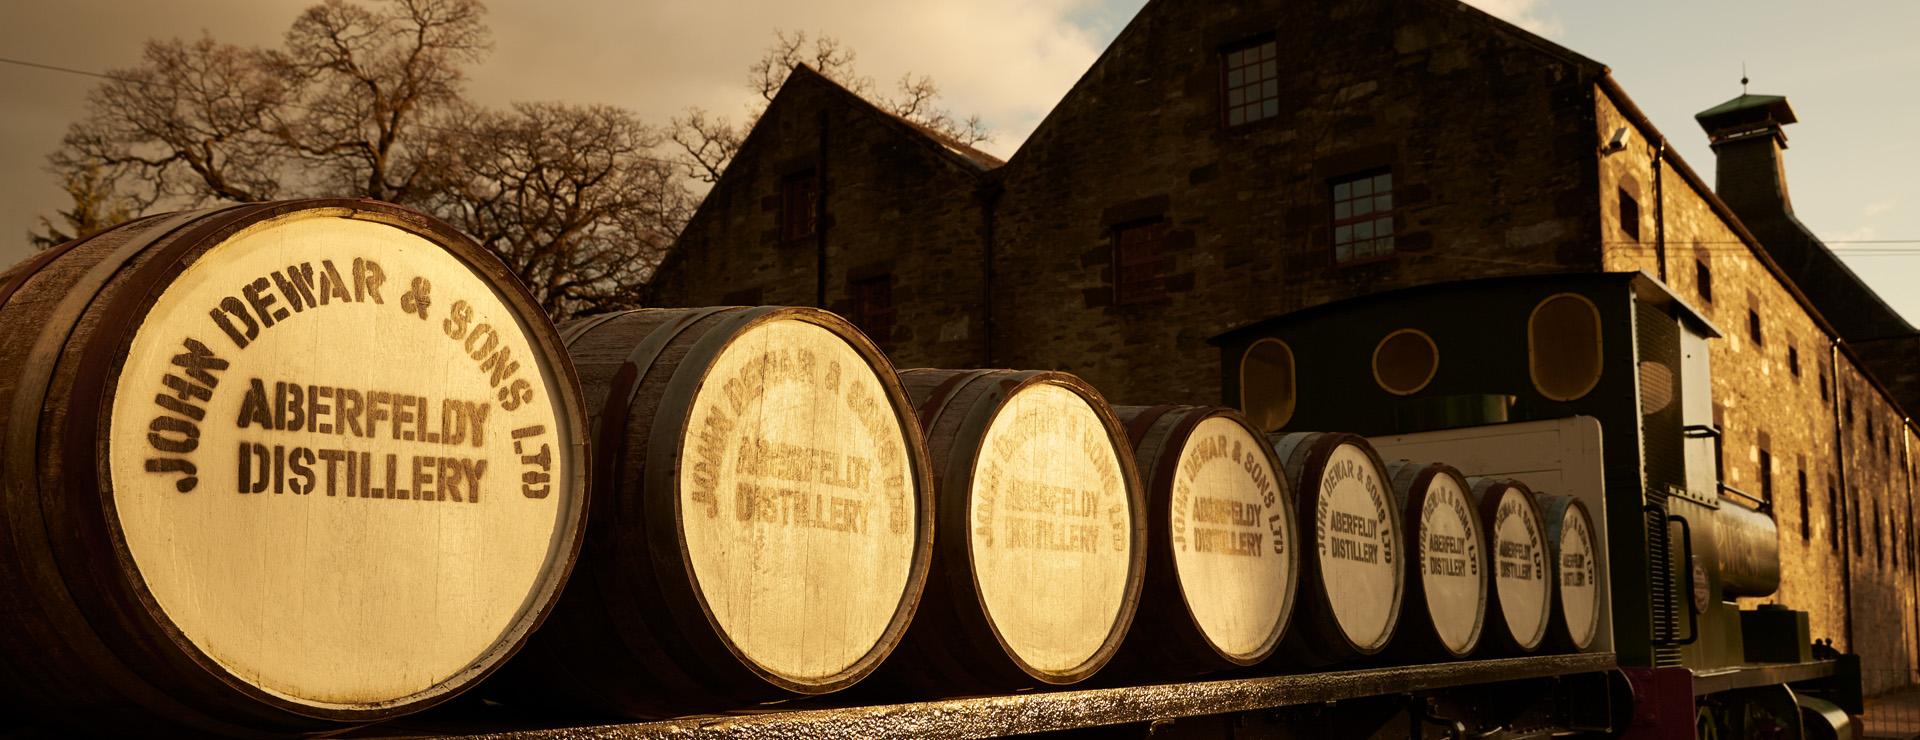 Puggie train at Dewar's Aberfeldy Distillery - Highland whisky distillery